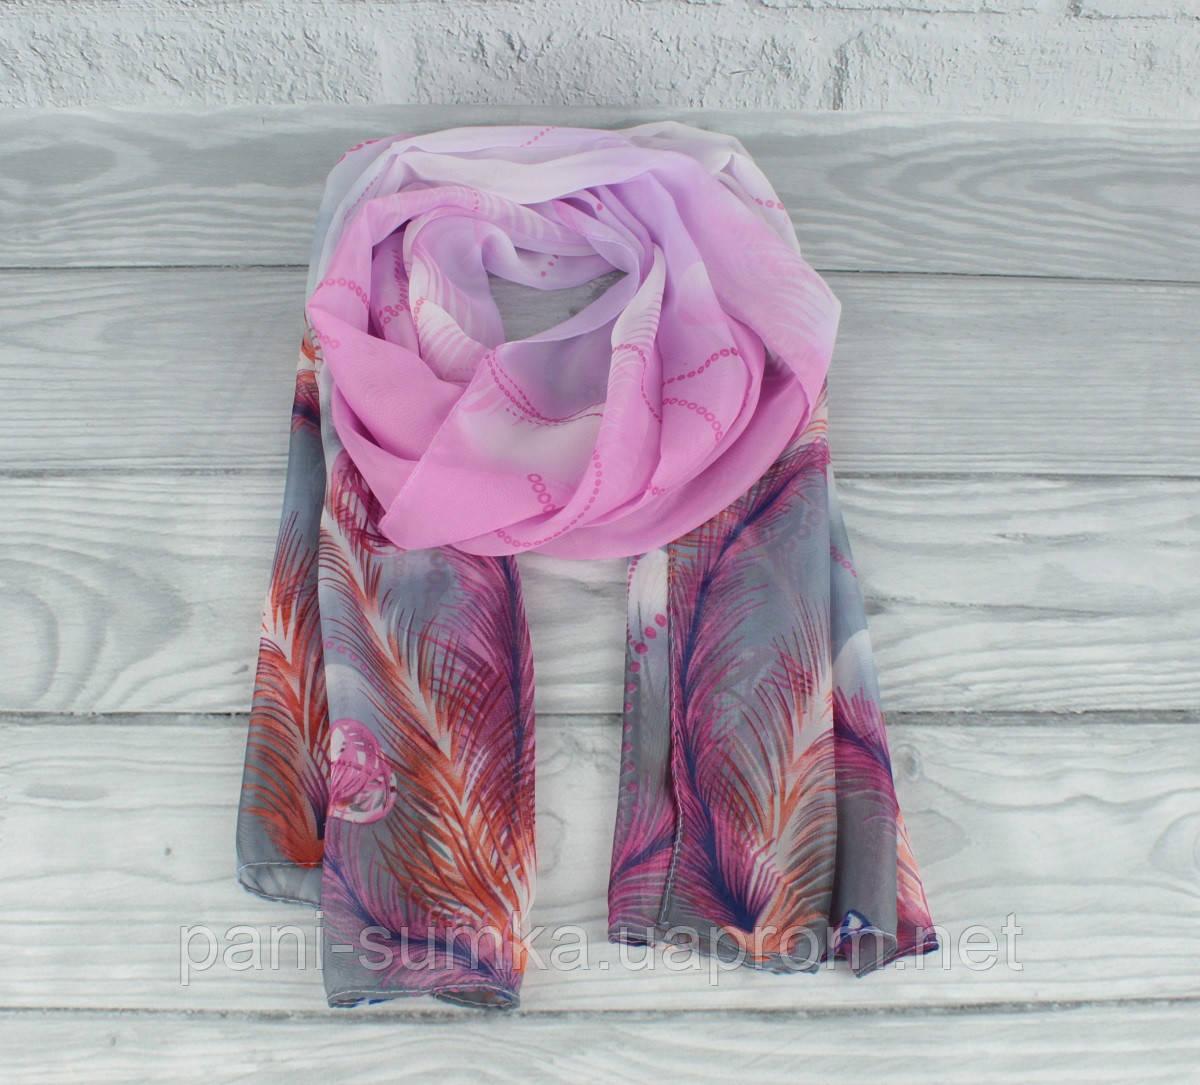 Шифоновий повітряний шарф 0010-02 різнобарвний з принтом